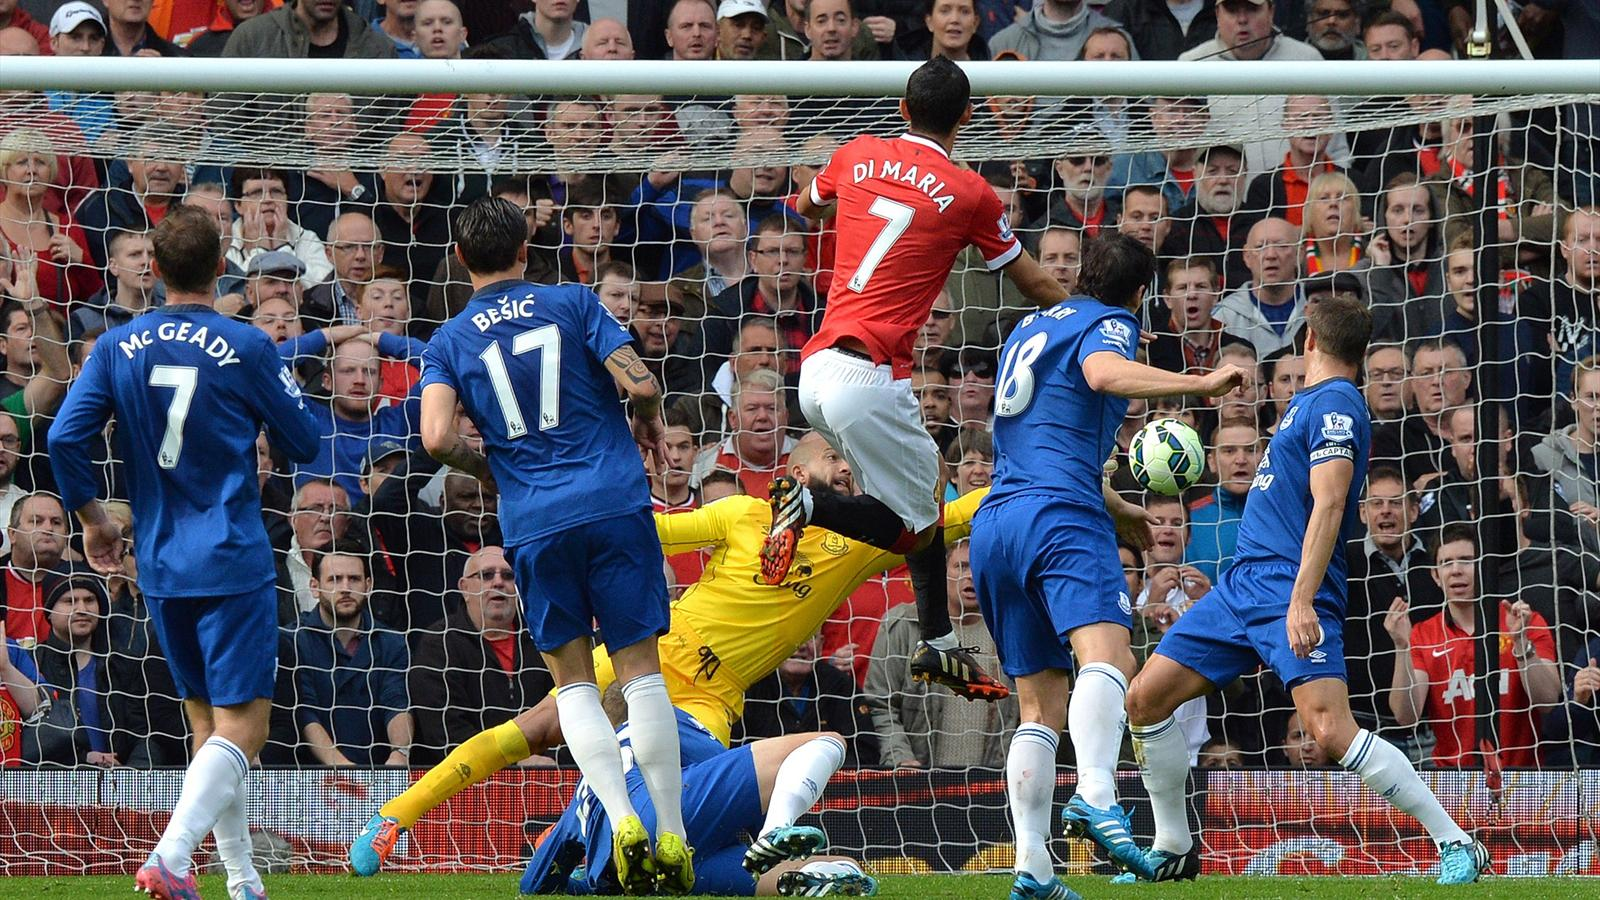 Manchester United - Everton : Manchester United ne rassure toujours pas mais au moins enchaîne